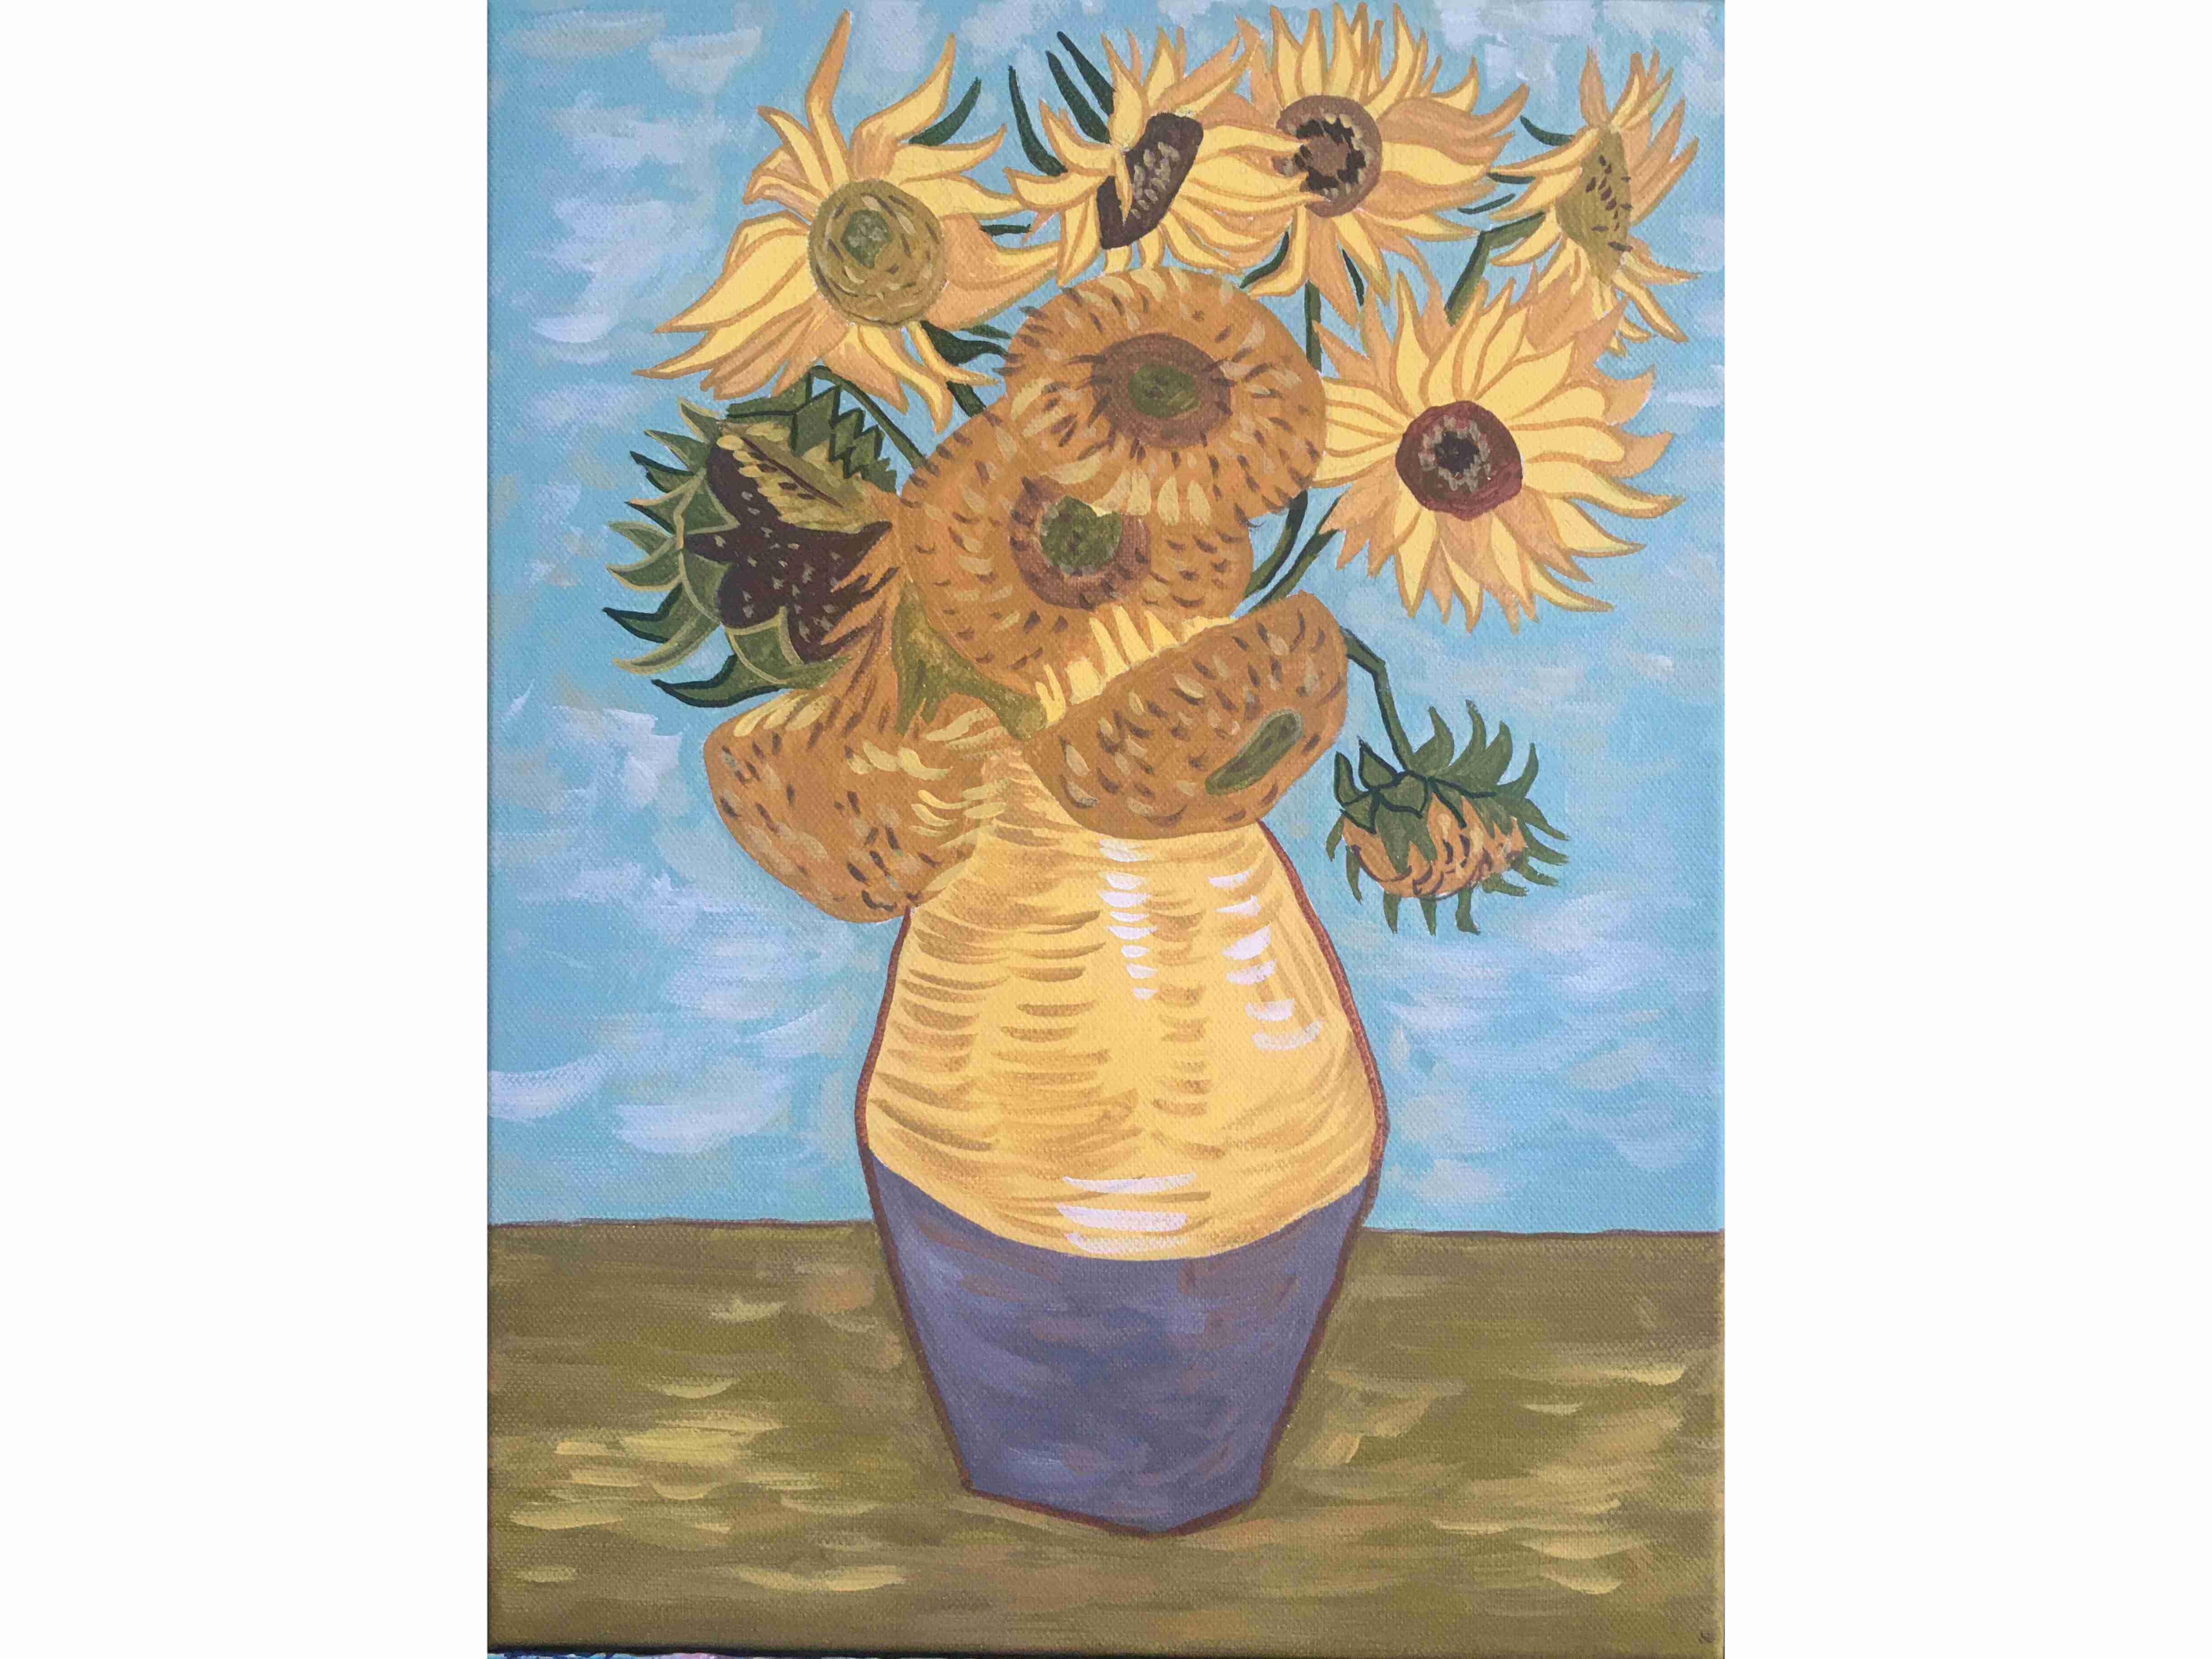 """Релаксиране с вино и рисуване на репродукция на """"Слънчогледите""""на Винсент Ван Гог 07.03.2020 г."""